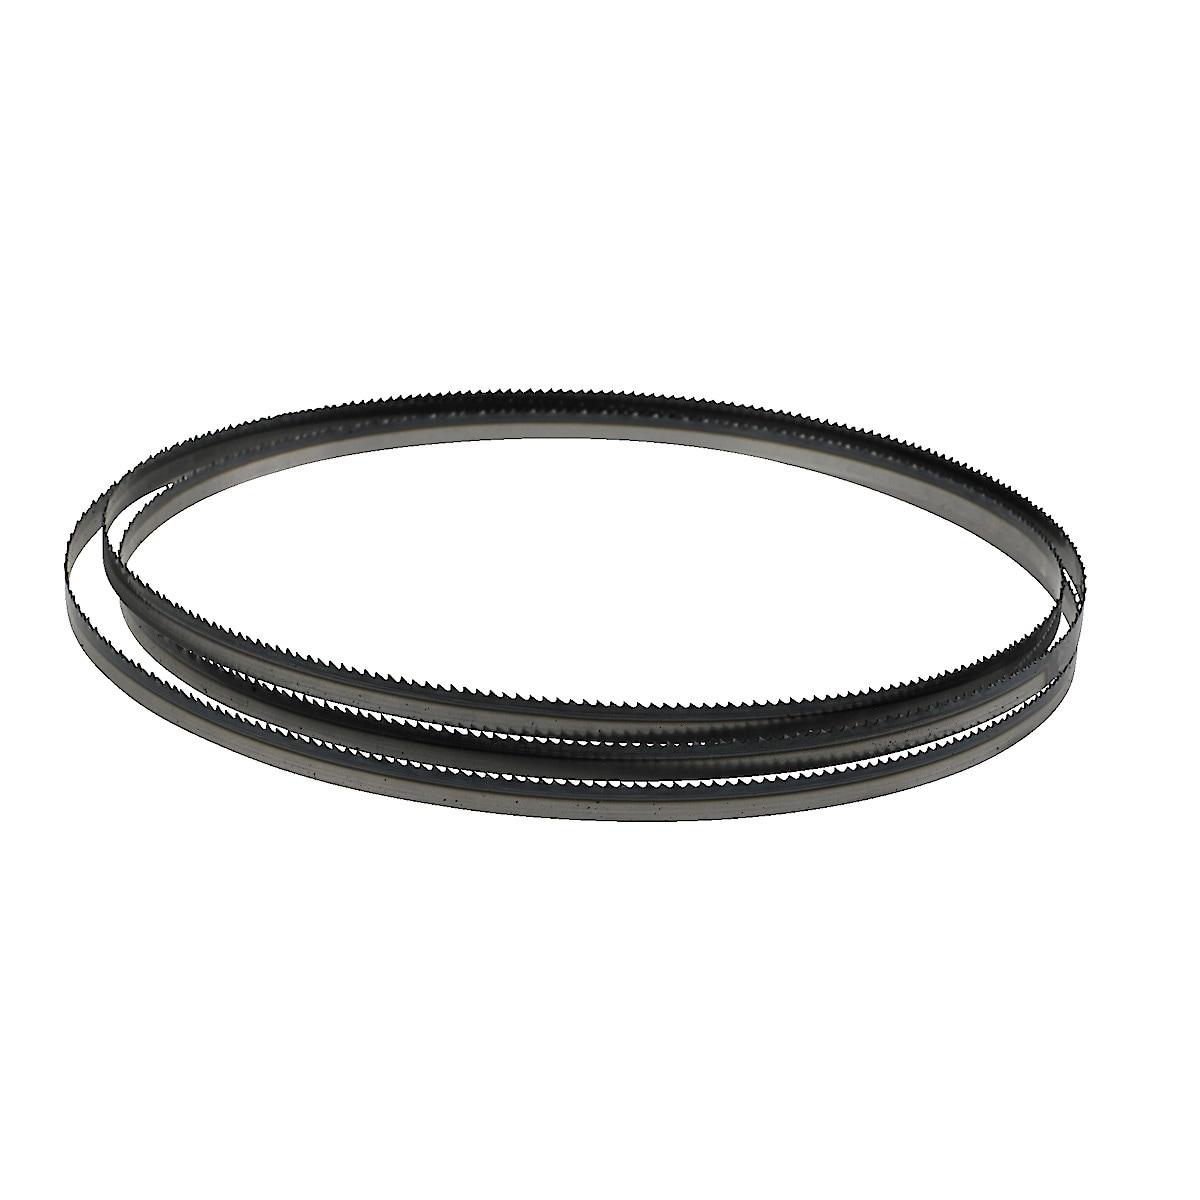 Bandsågblad universal 1700 mm